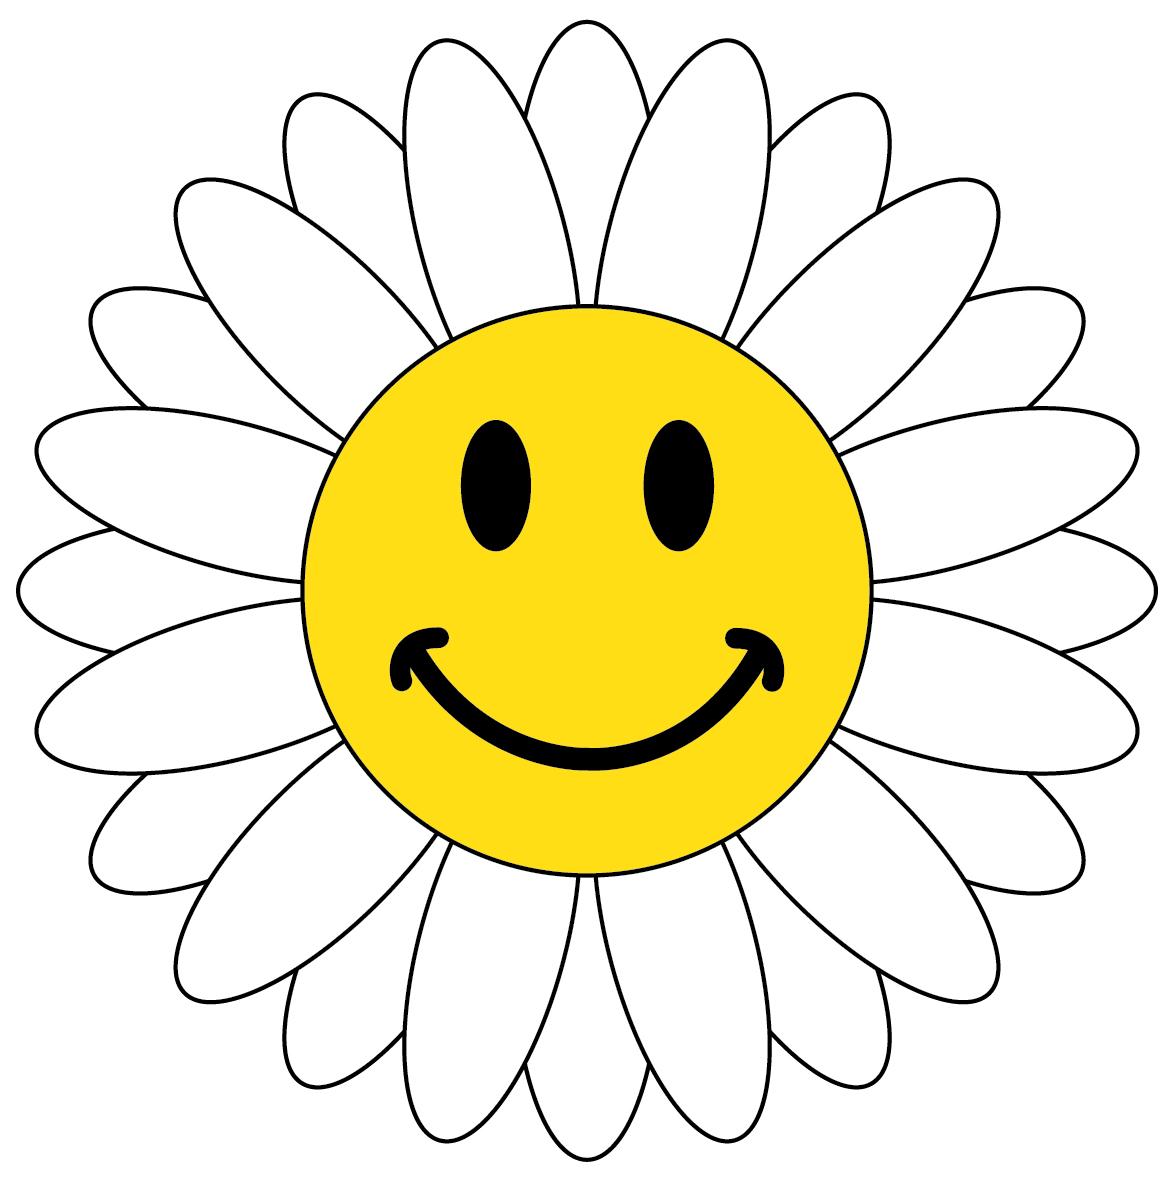 Susan's School Daze: Smiley face symbols